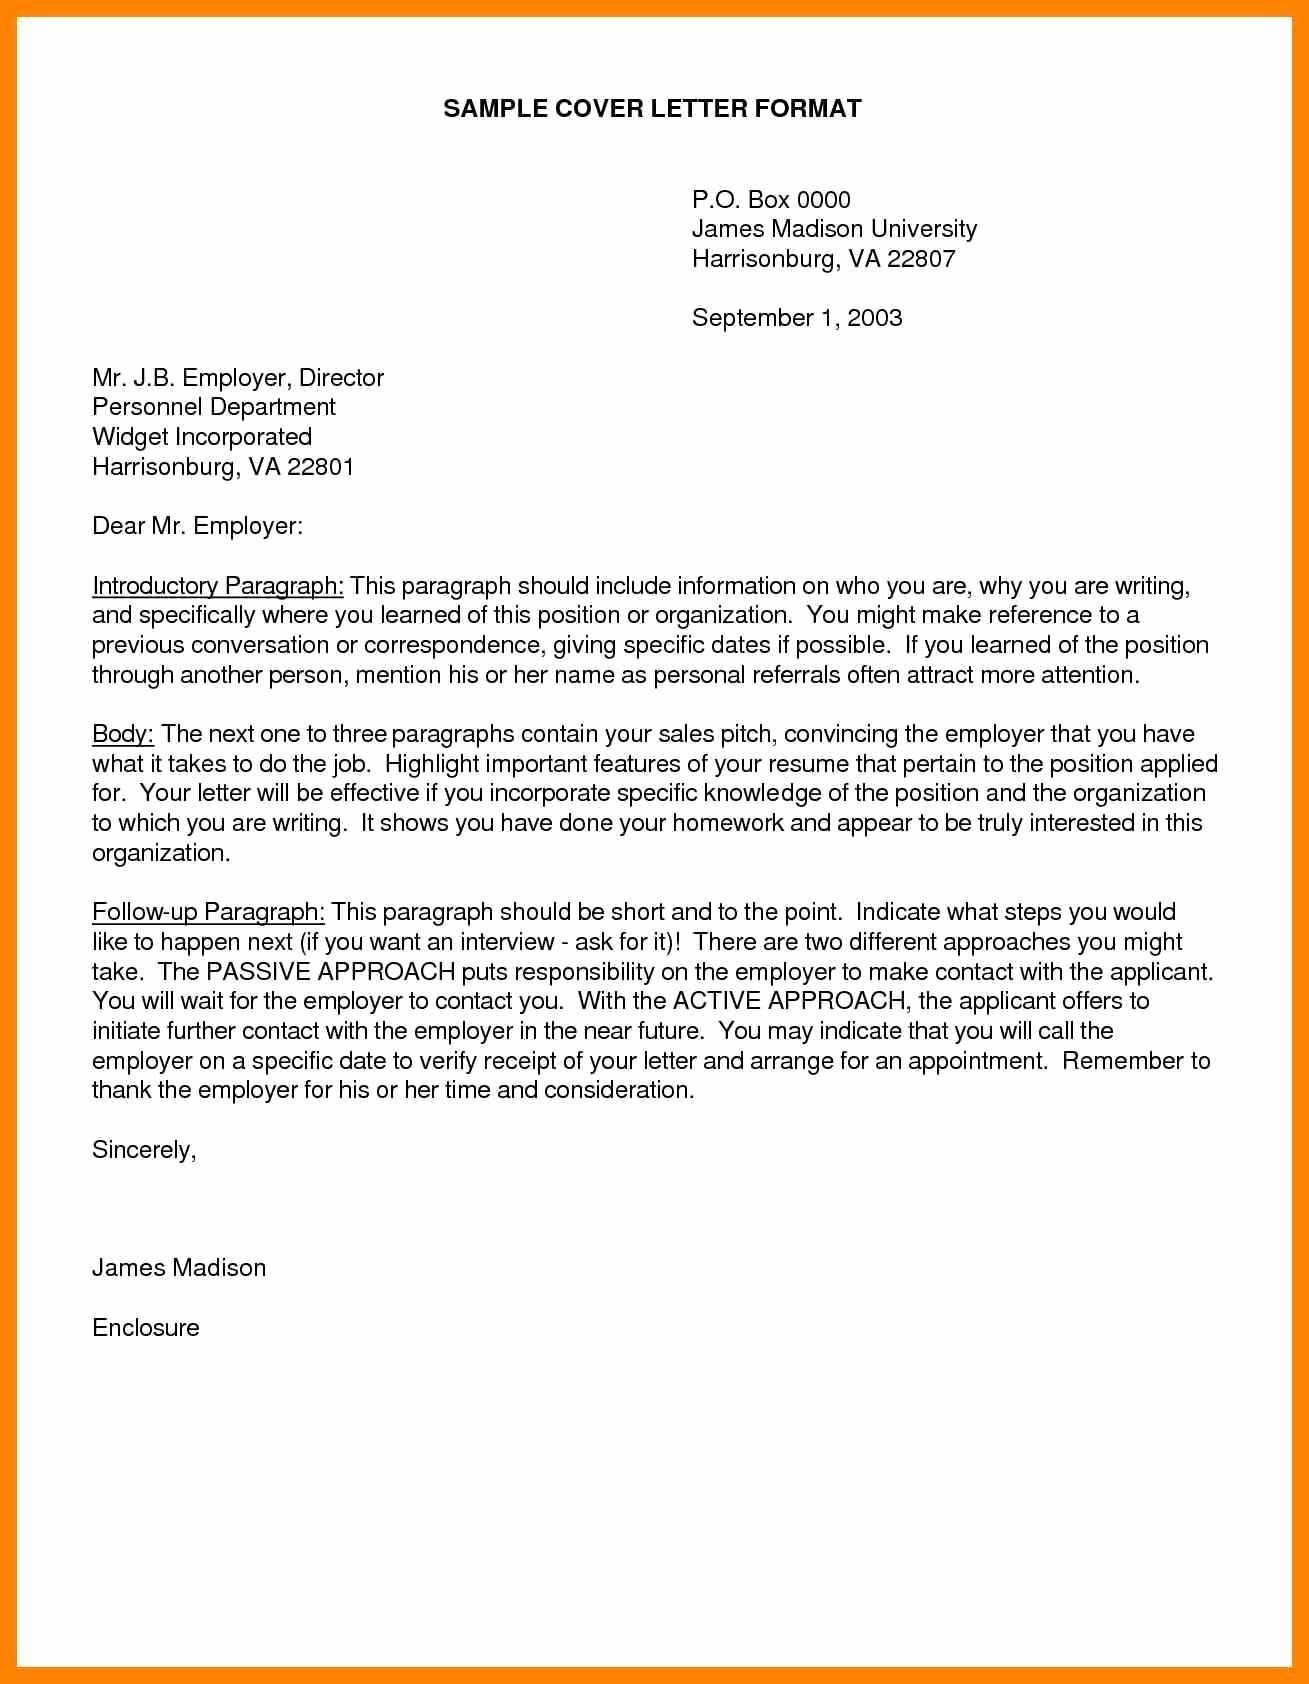 motivation letter english example university  12 Motivation Letter For University | Business Letter - motivation letter english example university